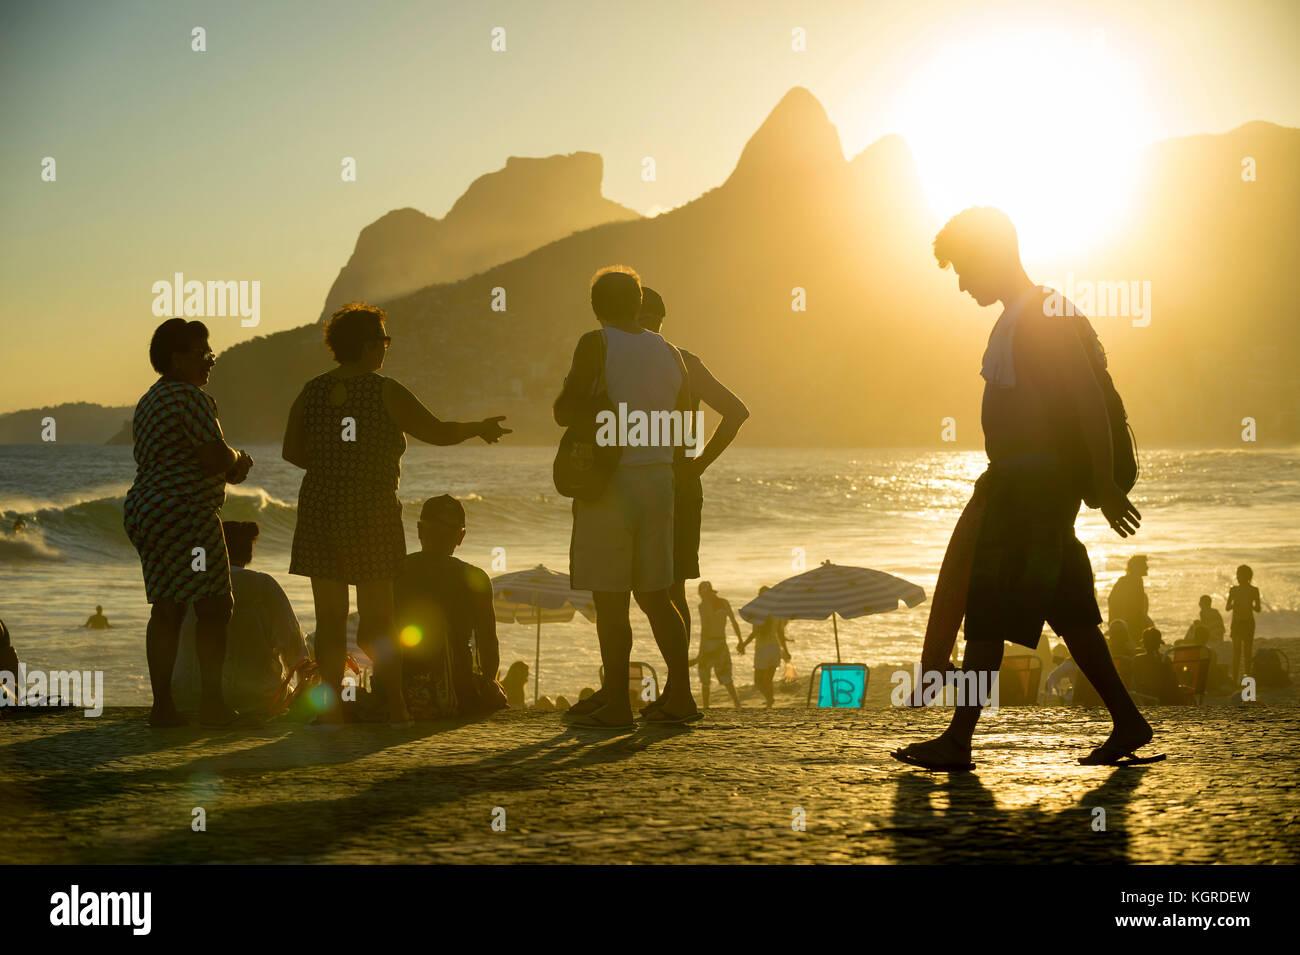 Rio de Janeiro - marzo 20, 2017: le persone si radunano per guardare il tramonto a arpoador, una popolare attività Immagini Stock